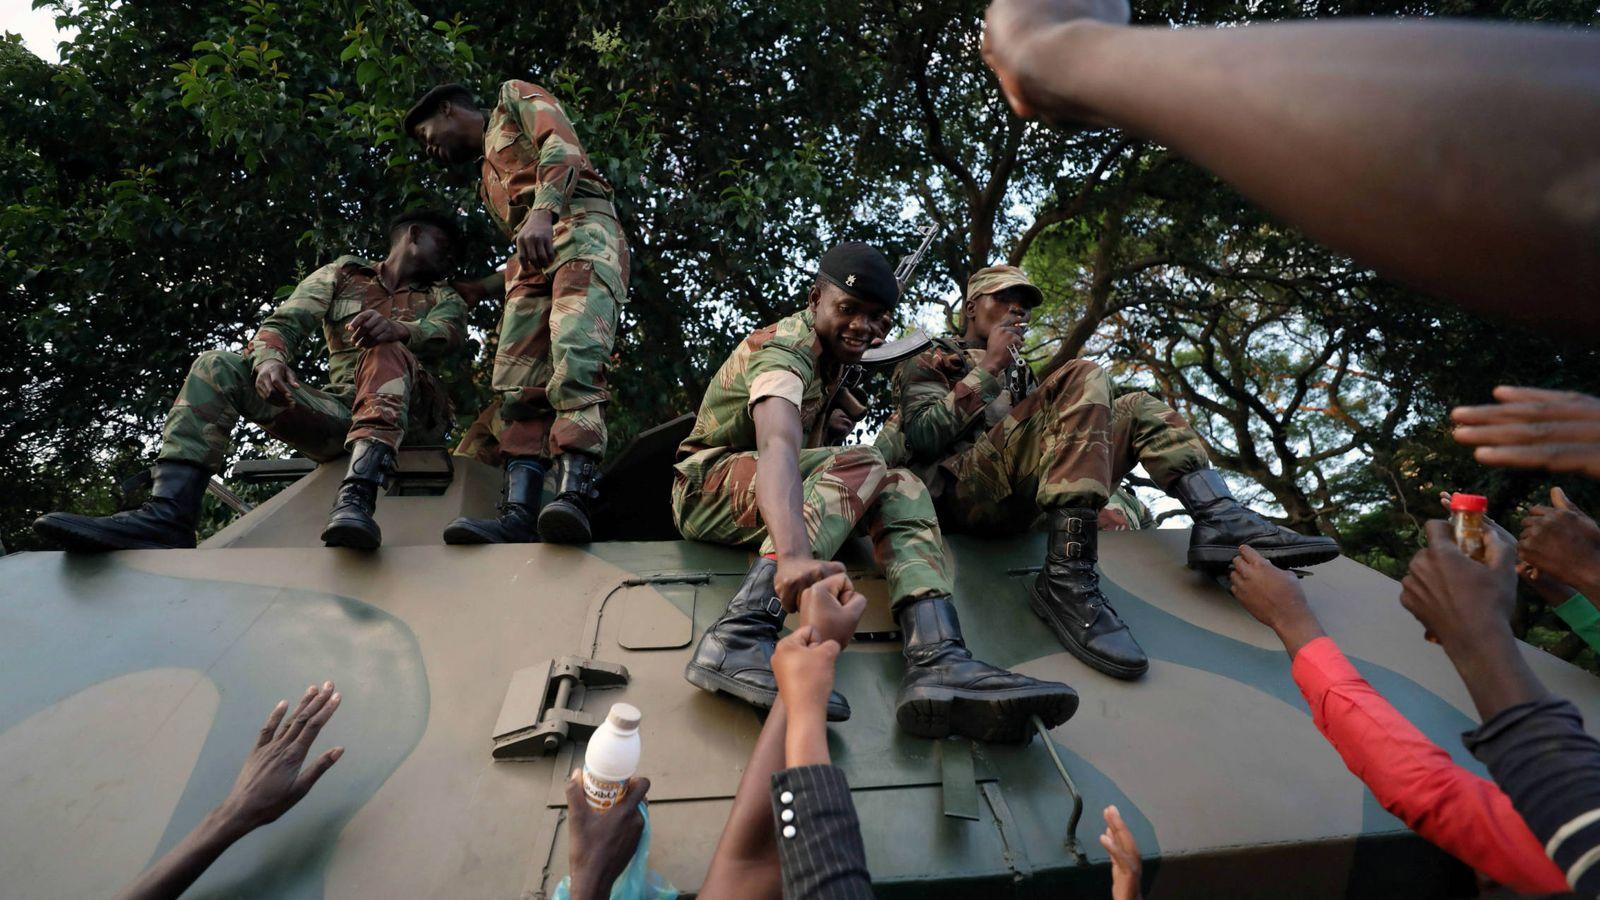 Foto: Zimbauenses celebran con soldados la caída de Mugabe, en la capital, Harare, el 21 de noviembre de 2017. (Reuters)